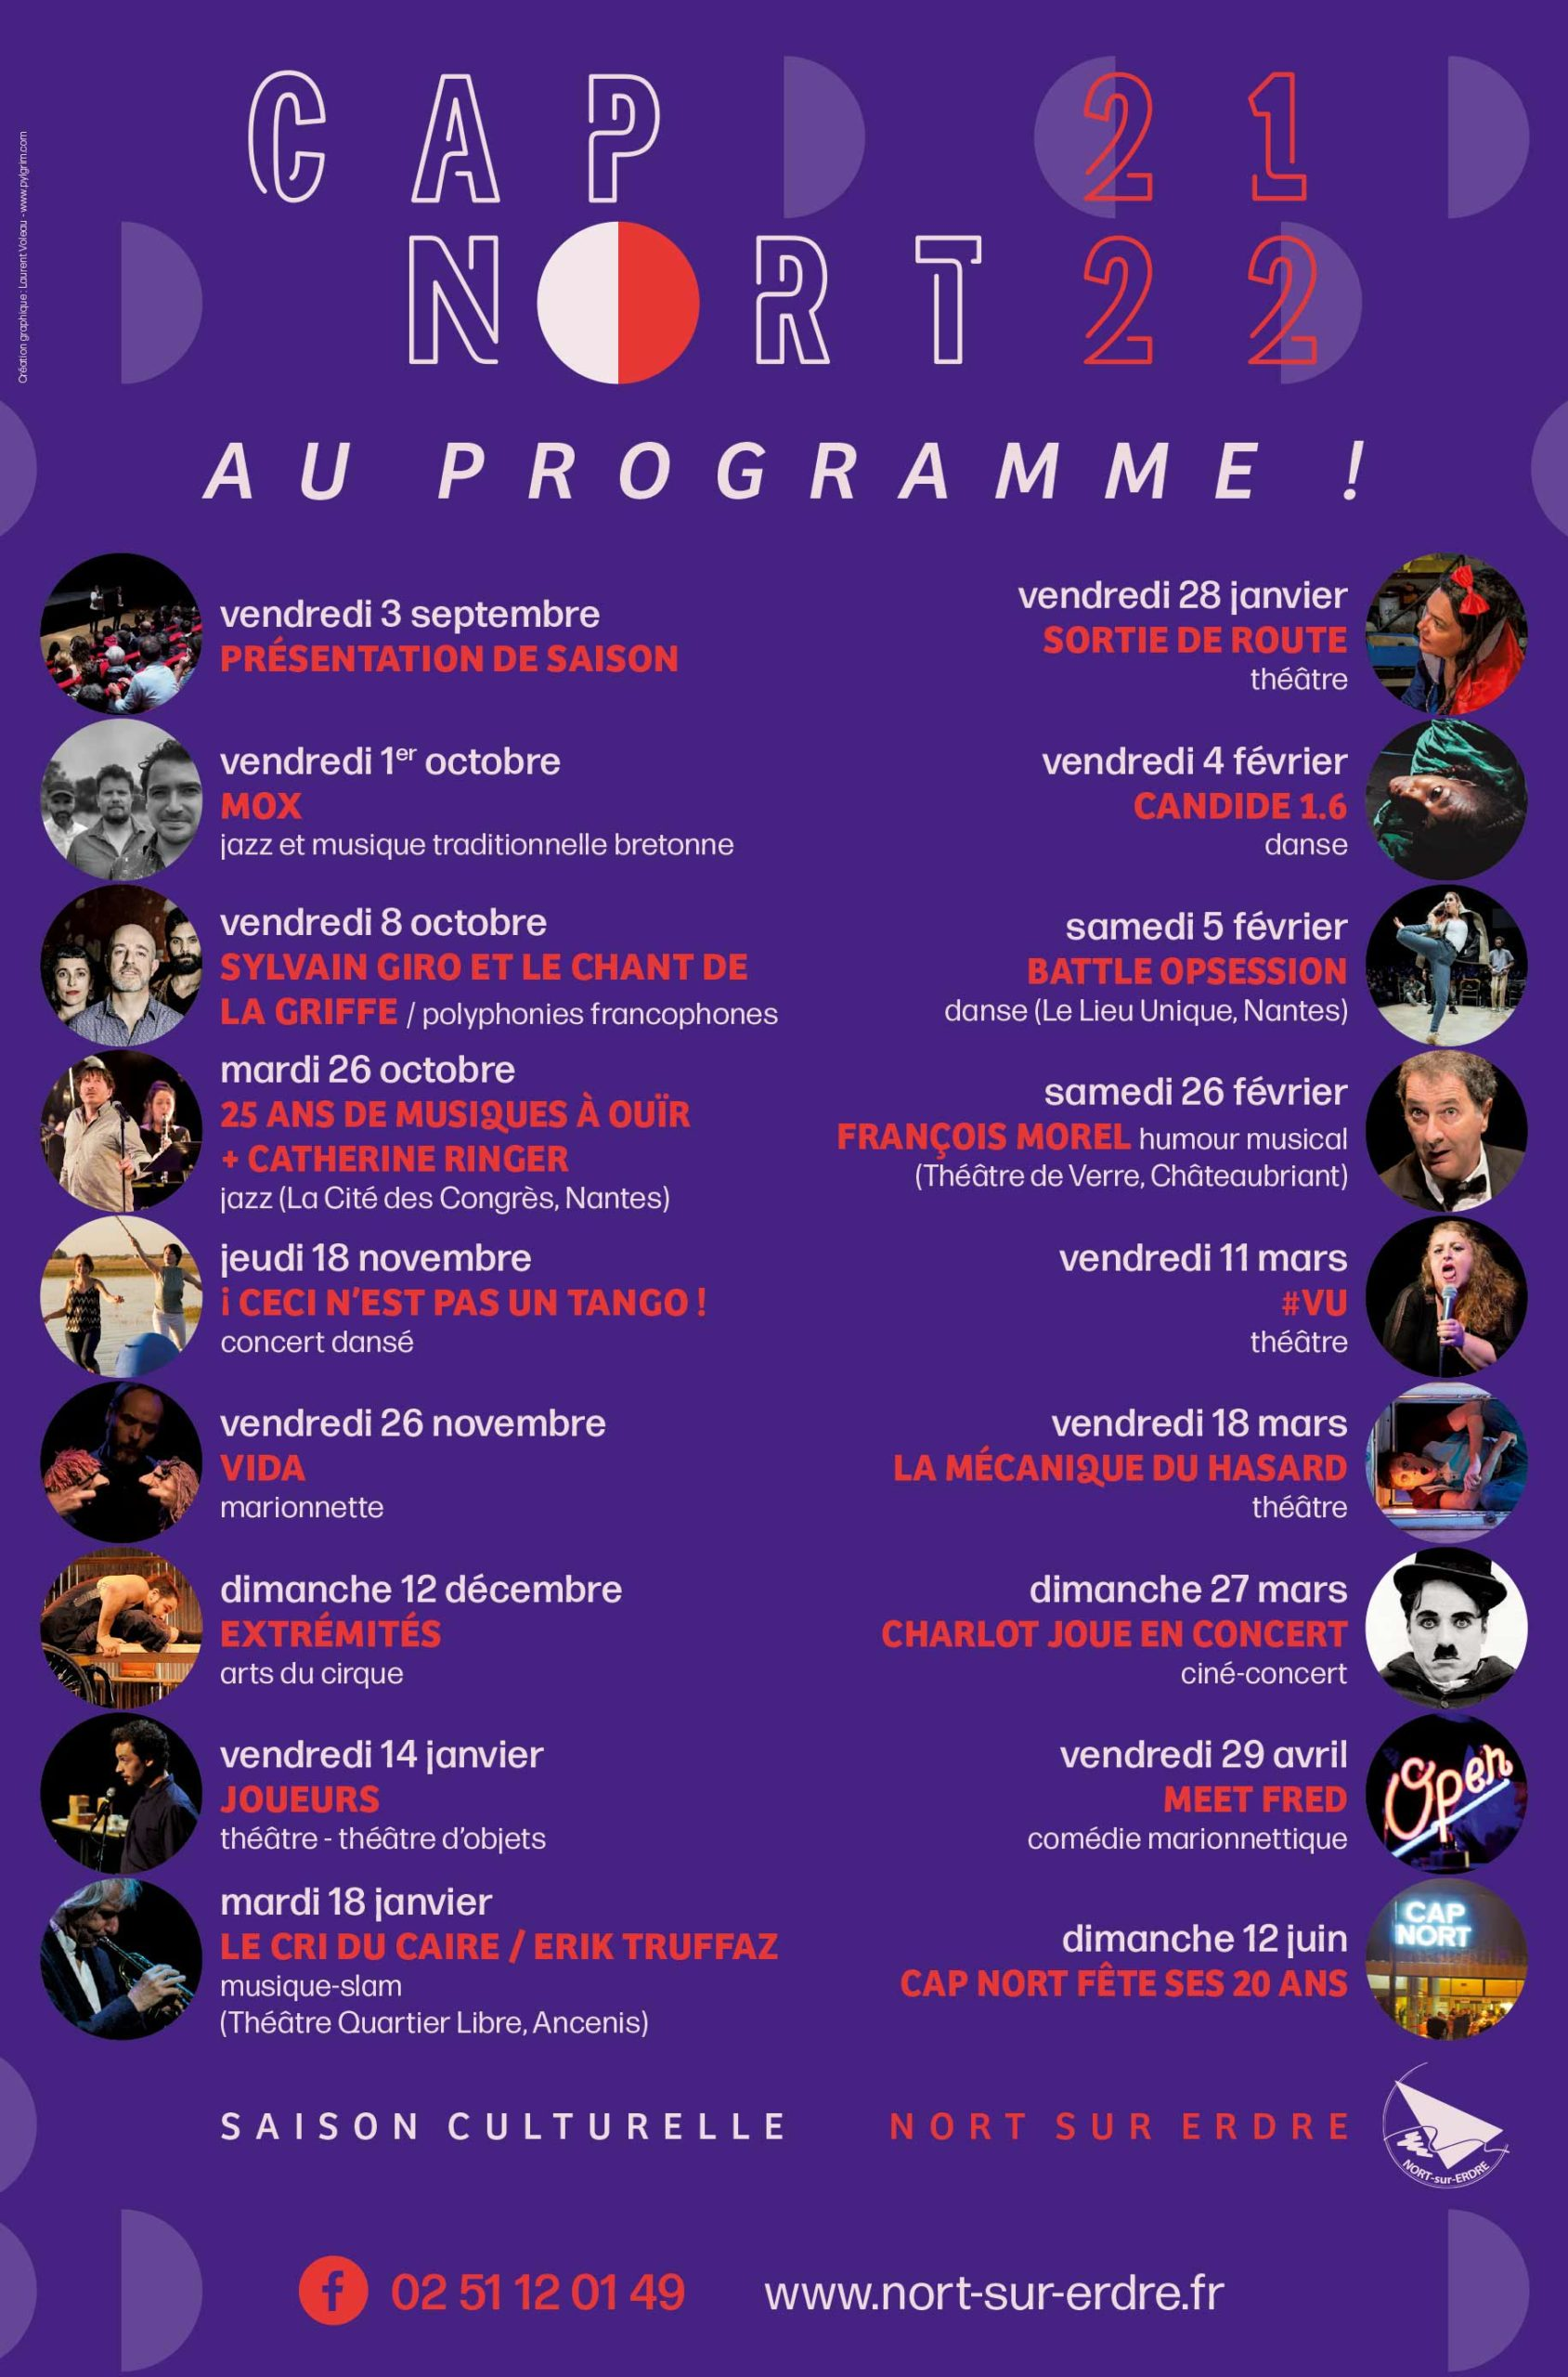 Programme 2021-2022 - Cap Nort